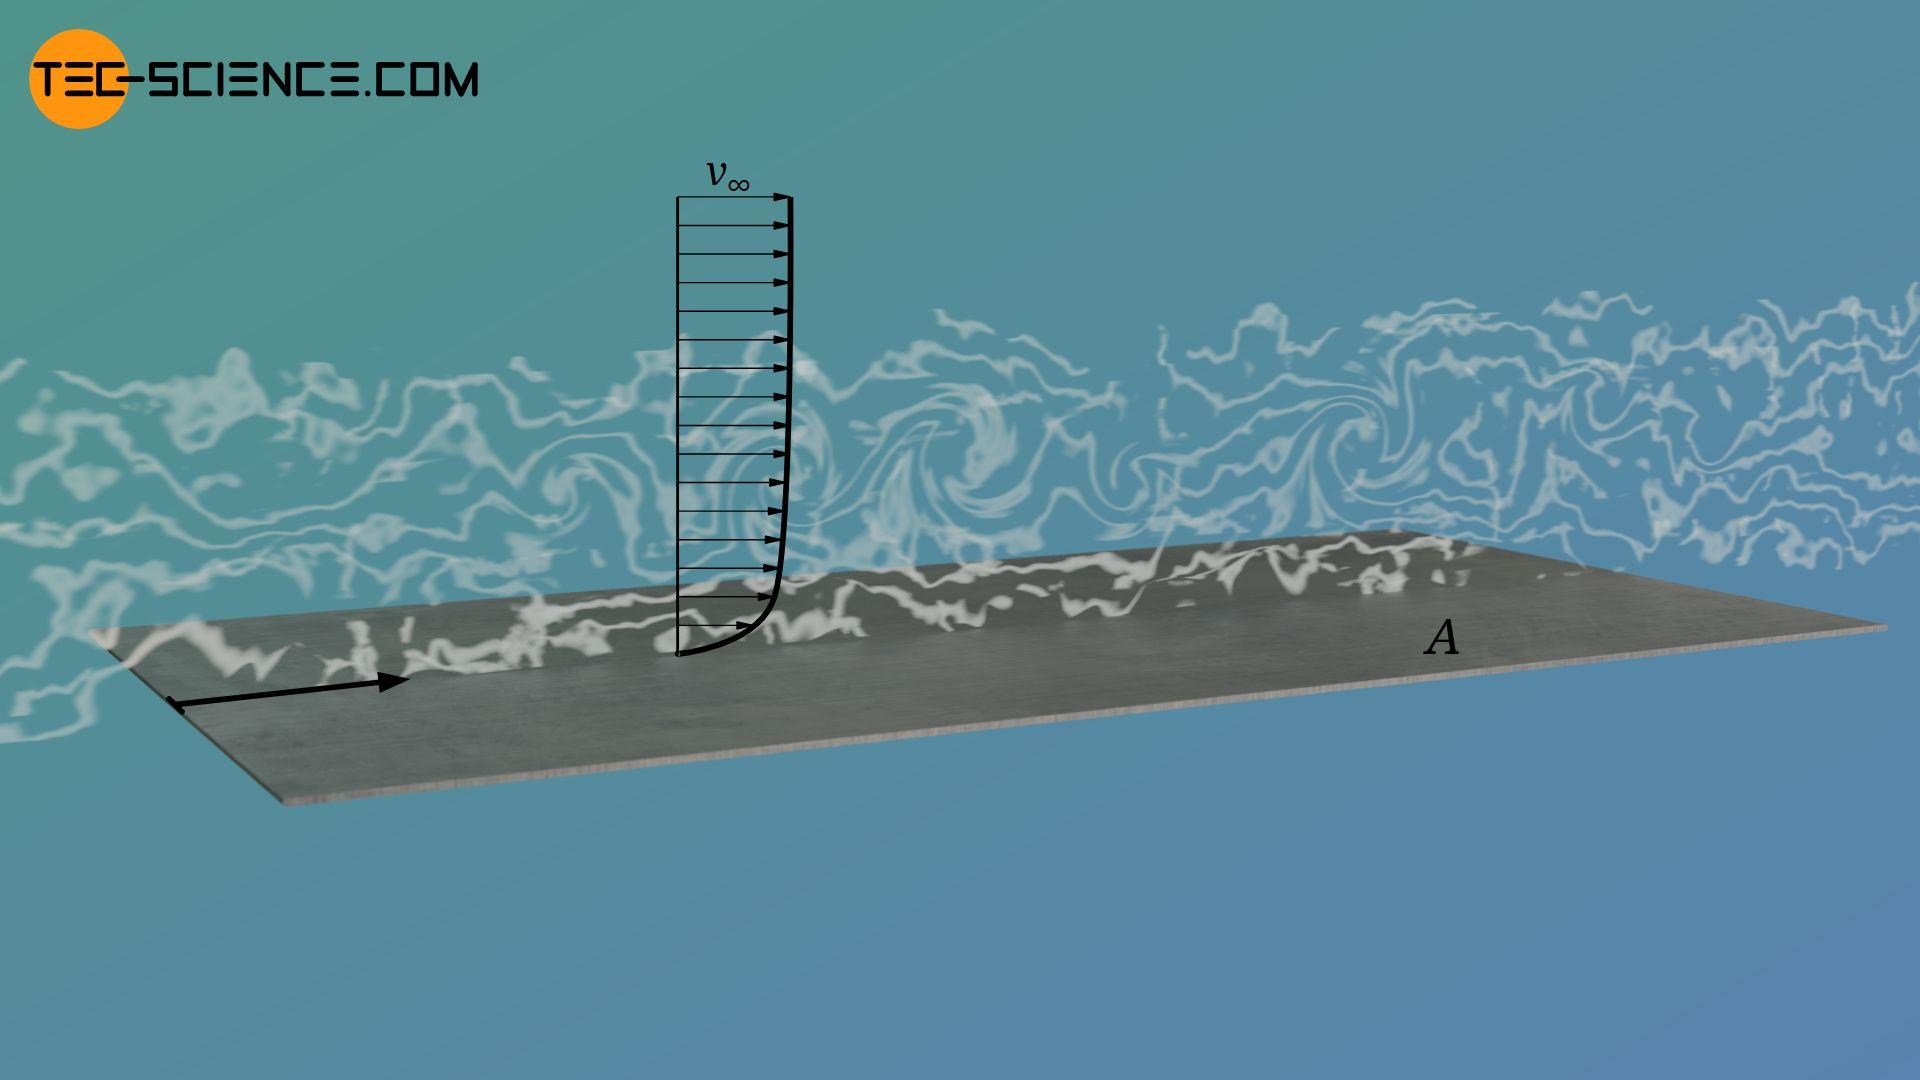 Reibungswiderstand (Schubspannungswiderstand) einer turbulent überströmten Platte